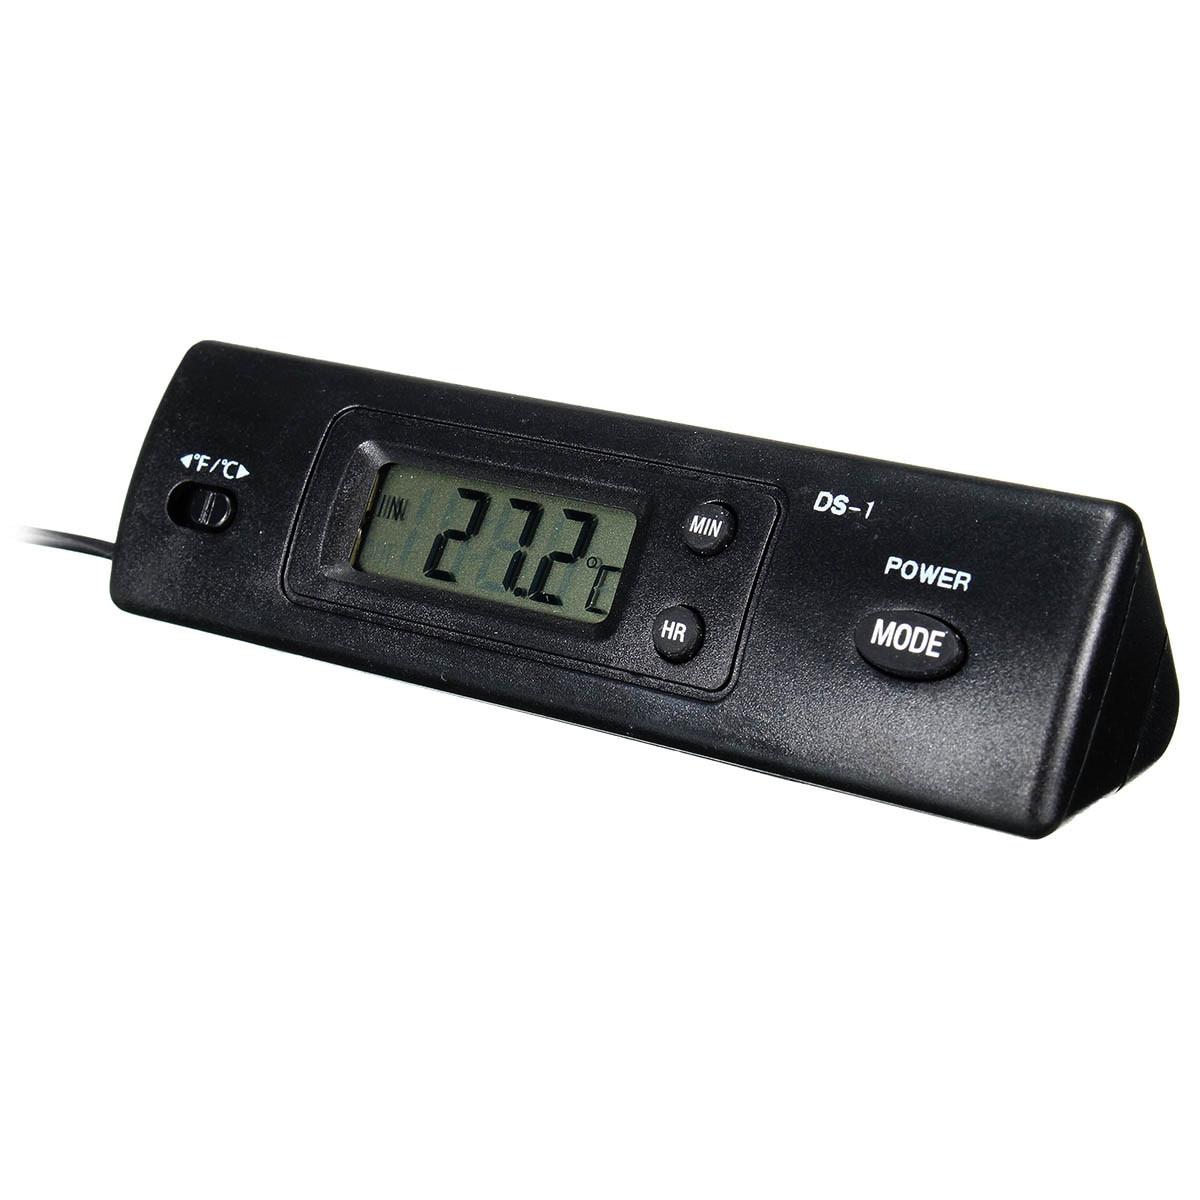 Dual temperatura dentro y fuera del termómetro del coche reloj electrónico digit